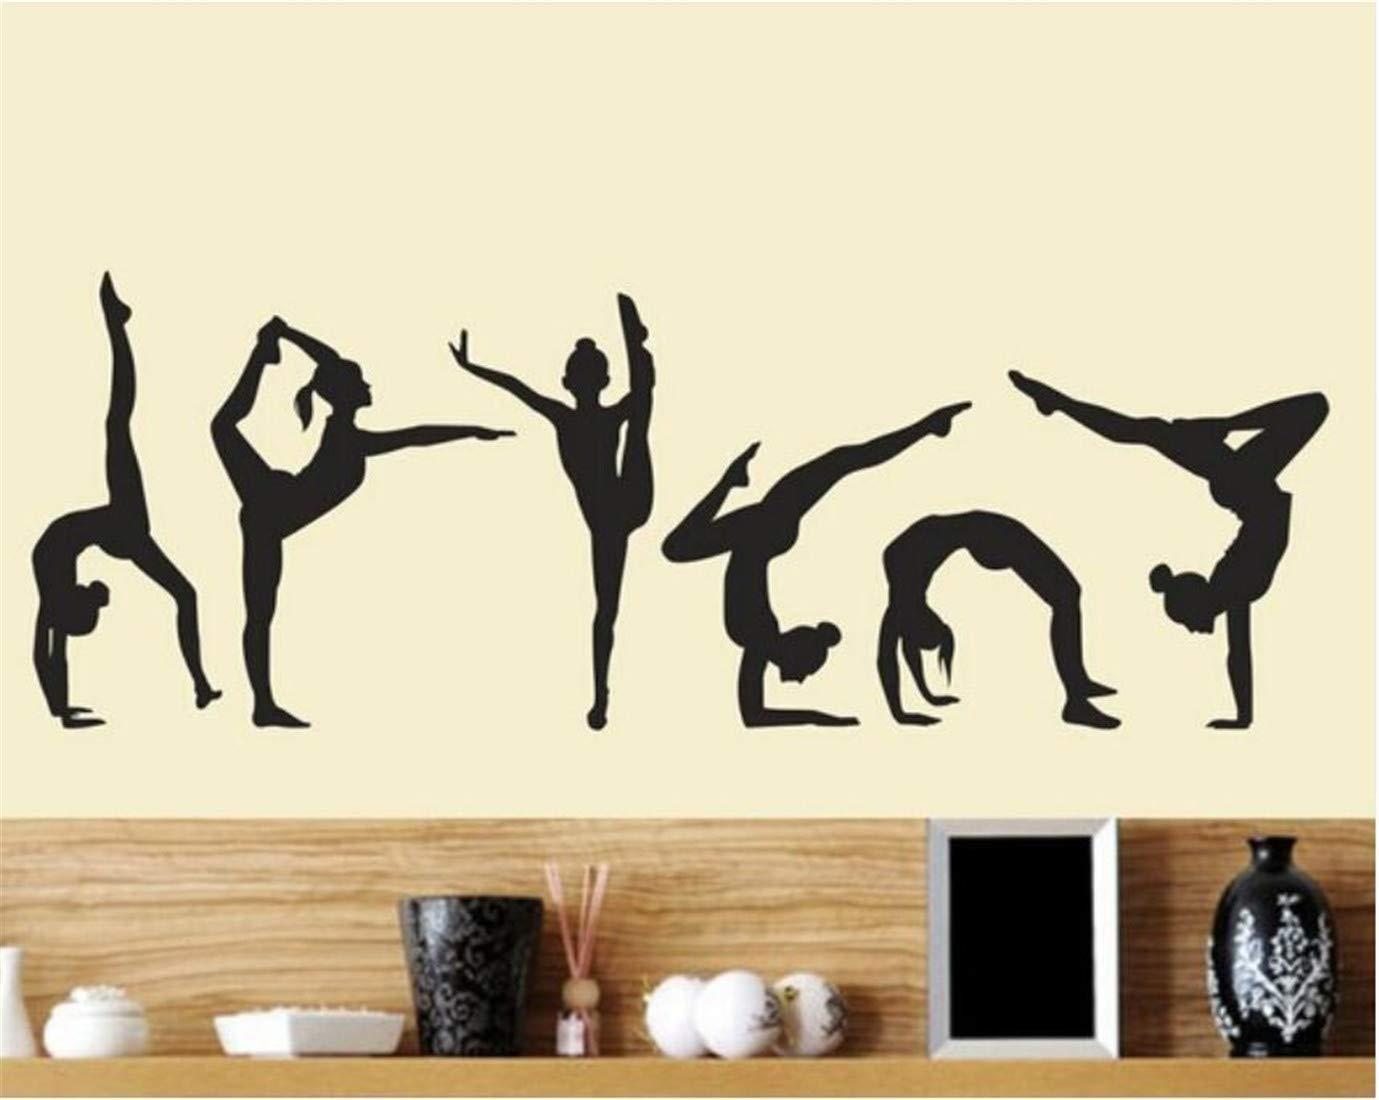 Deyimr Danse Filles Gymnastique Sticker Mural Sport Vinyle Art Mural Autocollant Dé coration De La Maison Papiers Peints Dé cor 20X60Cm, A